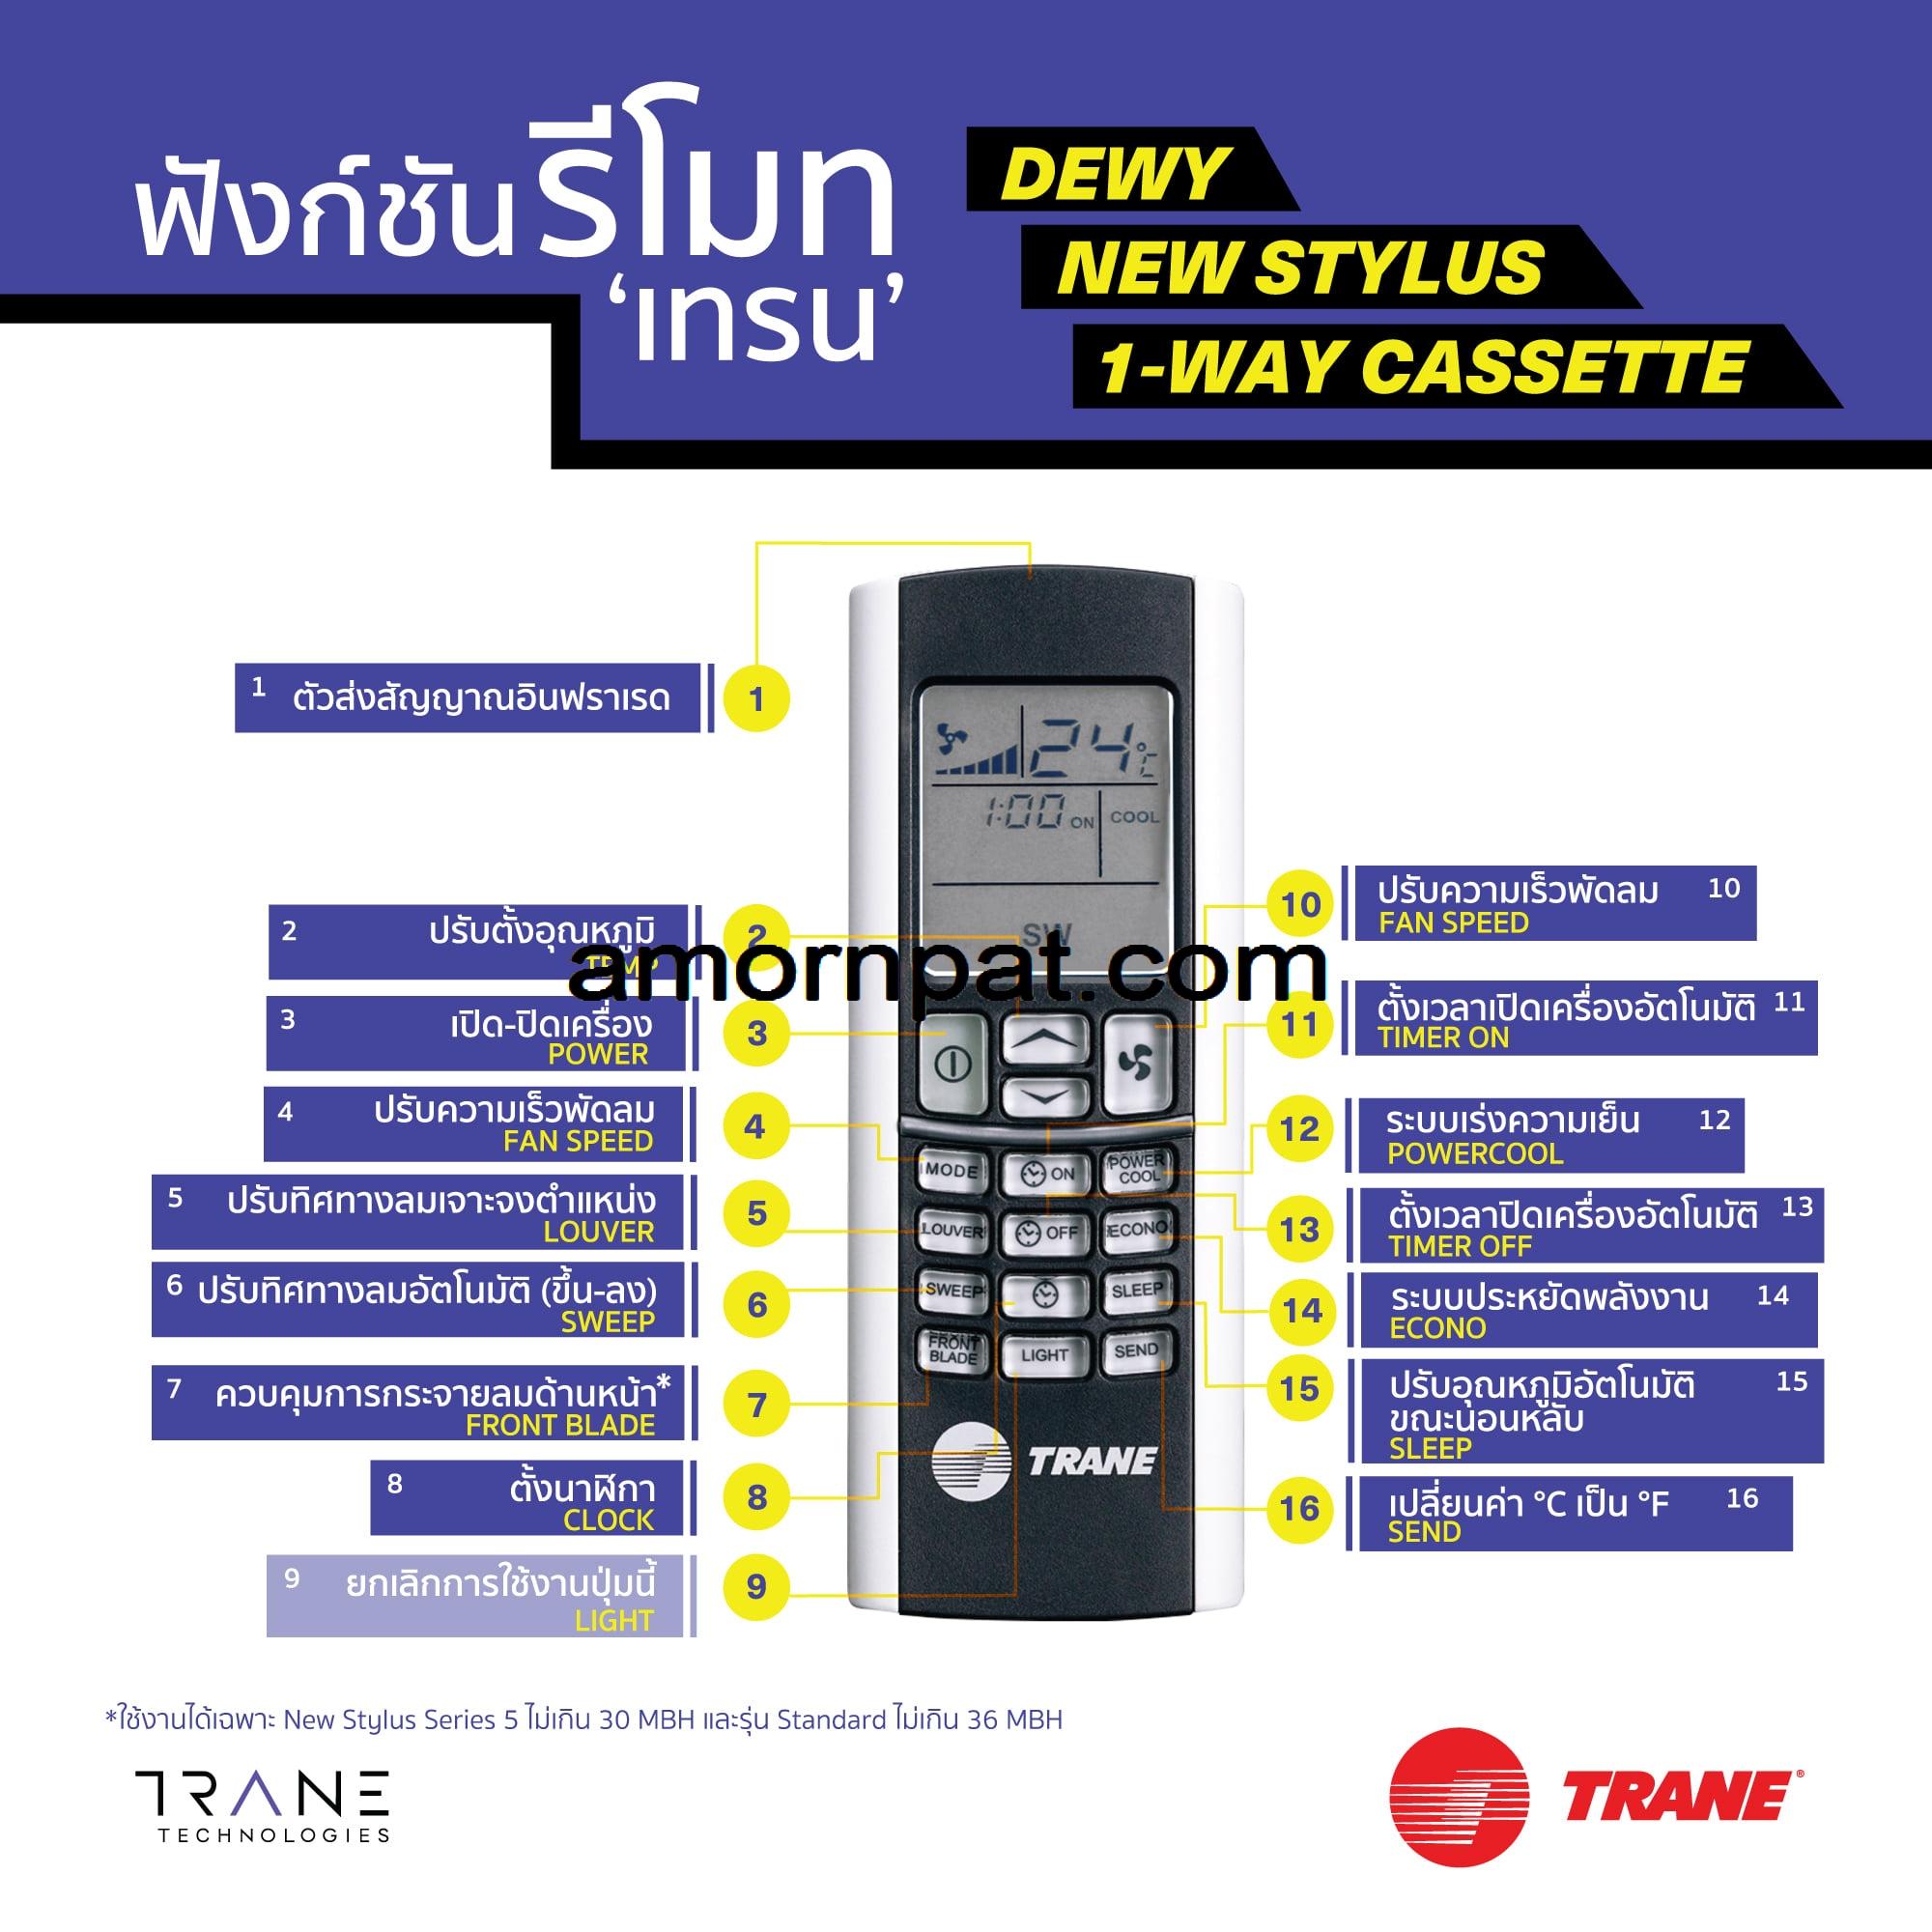 วิธีใช้ รีโมท เครื่องปรับอากาศ trane 'เทรน'รุ่นNew Stylus, Dewyหรือ1-Way Cassette